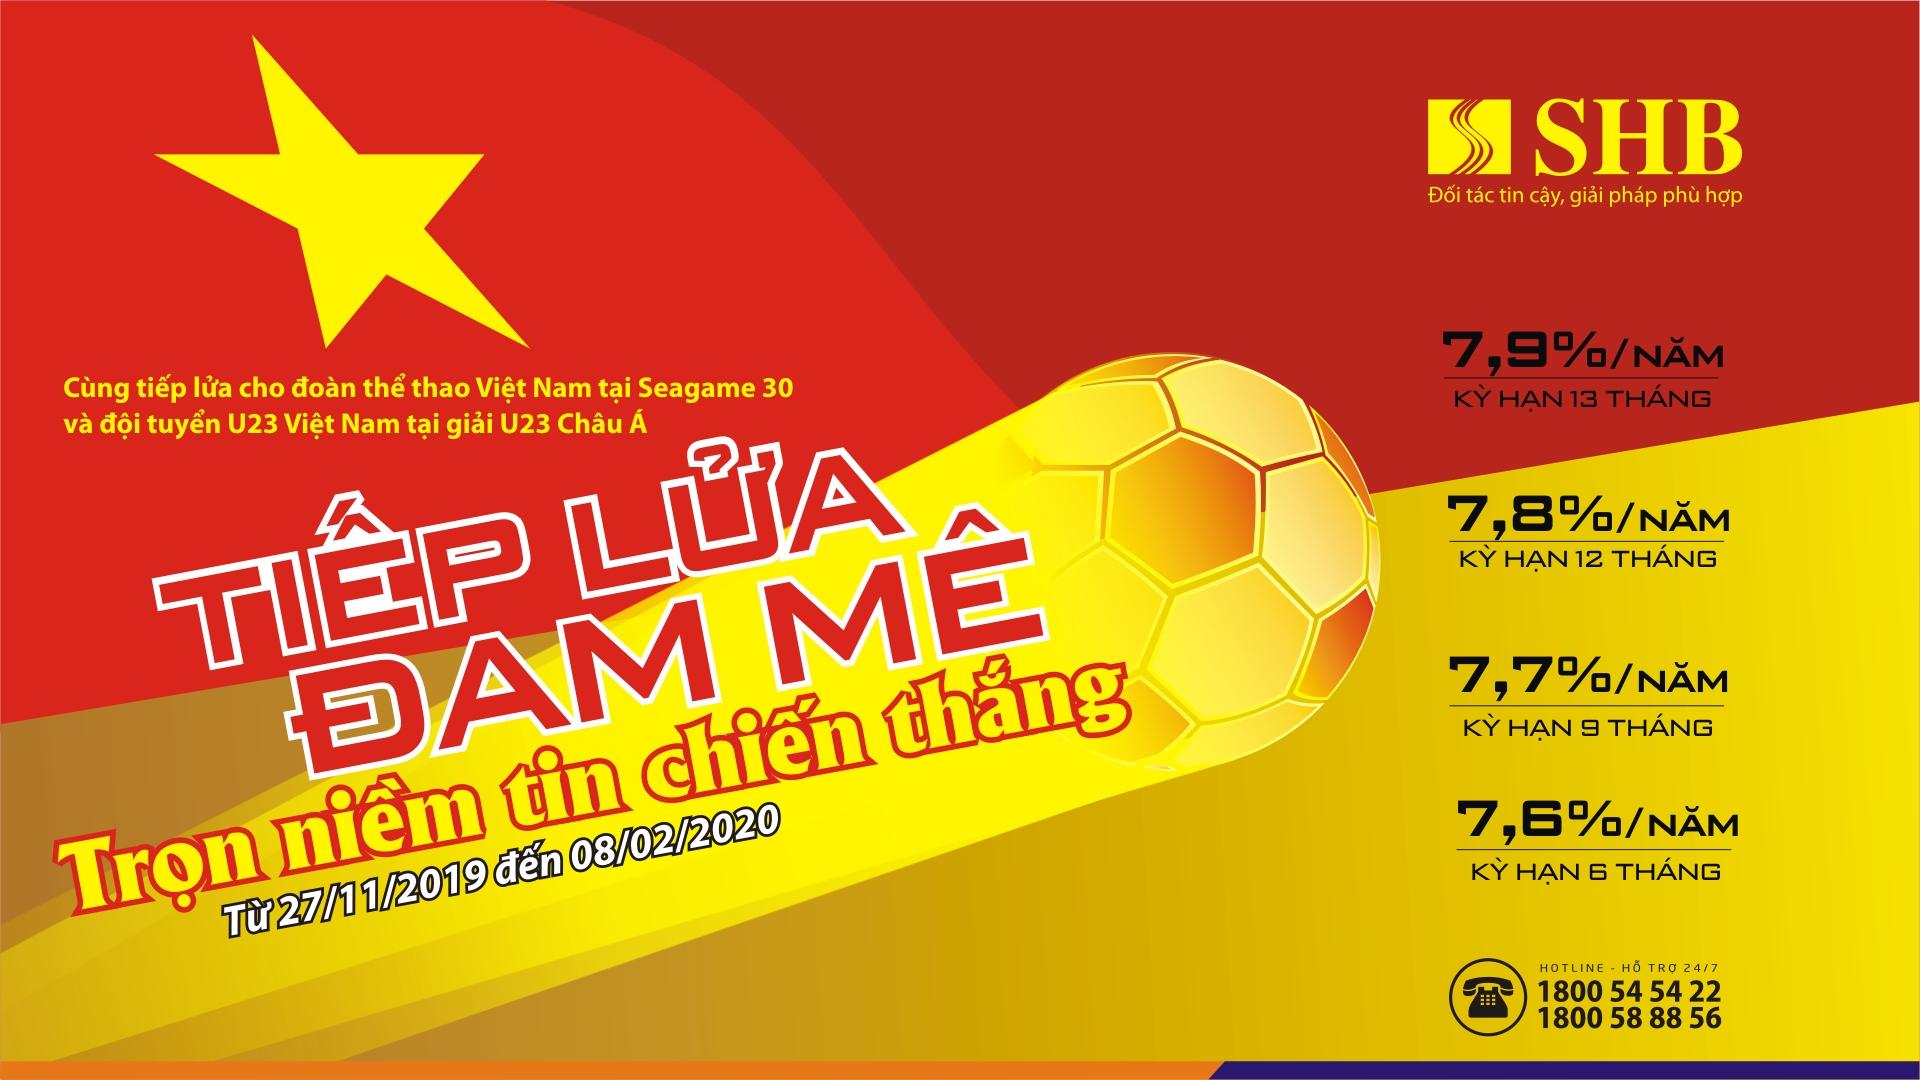 Tiếp lửa thể thao Việt Nam: SHB triển khai chương trình ưu đãi dành tặng người hâm mộ